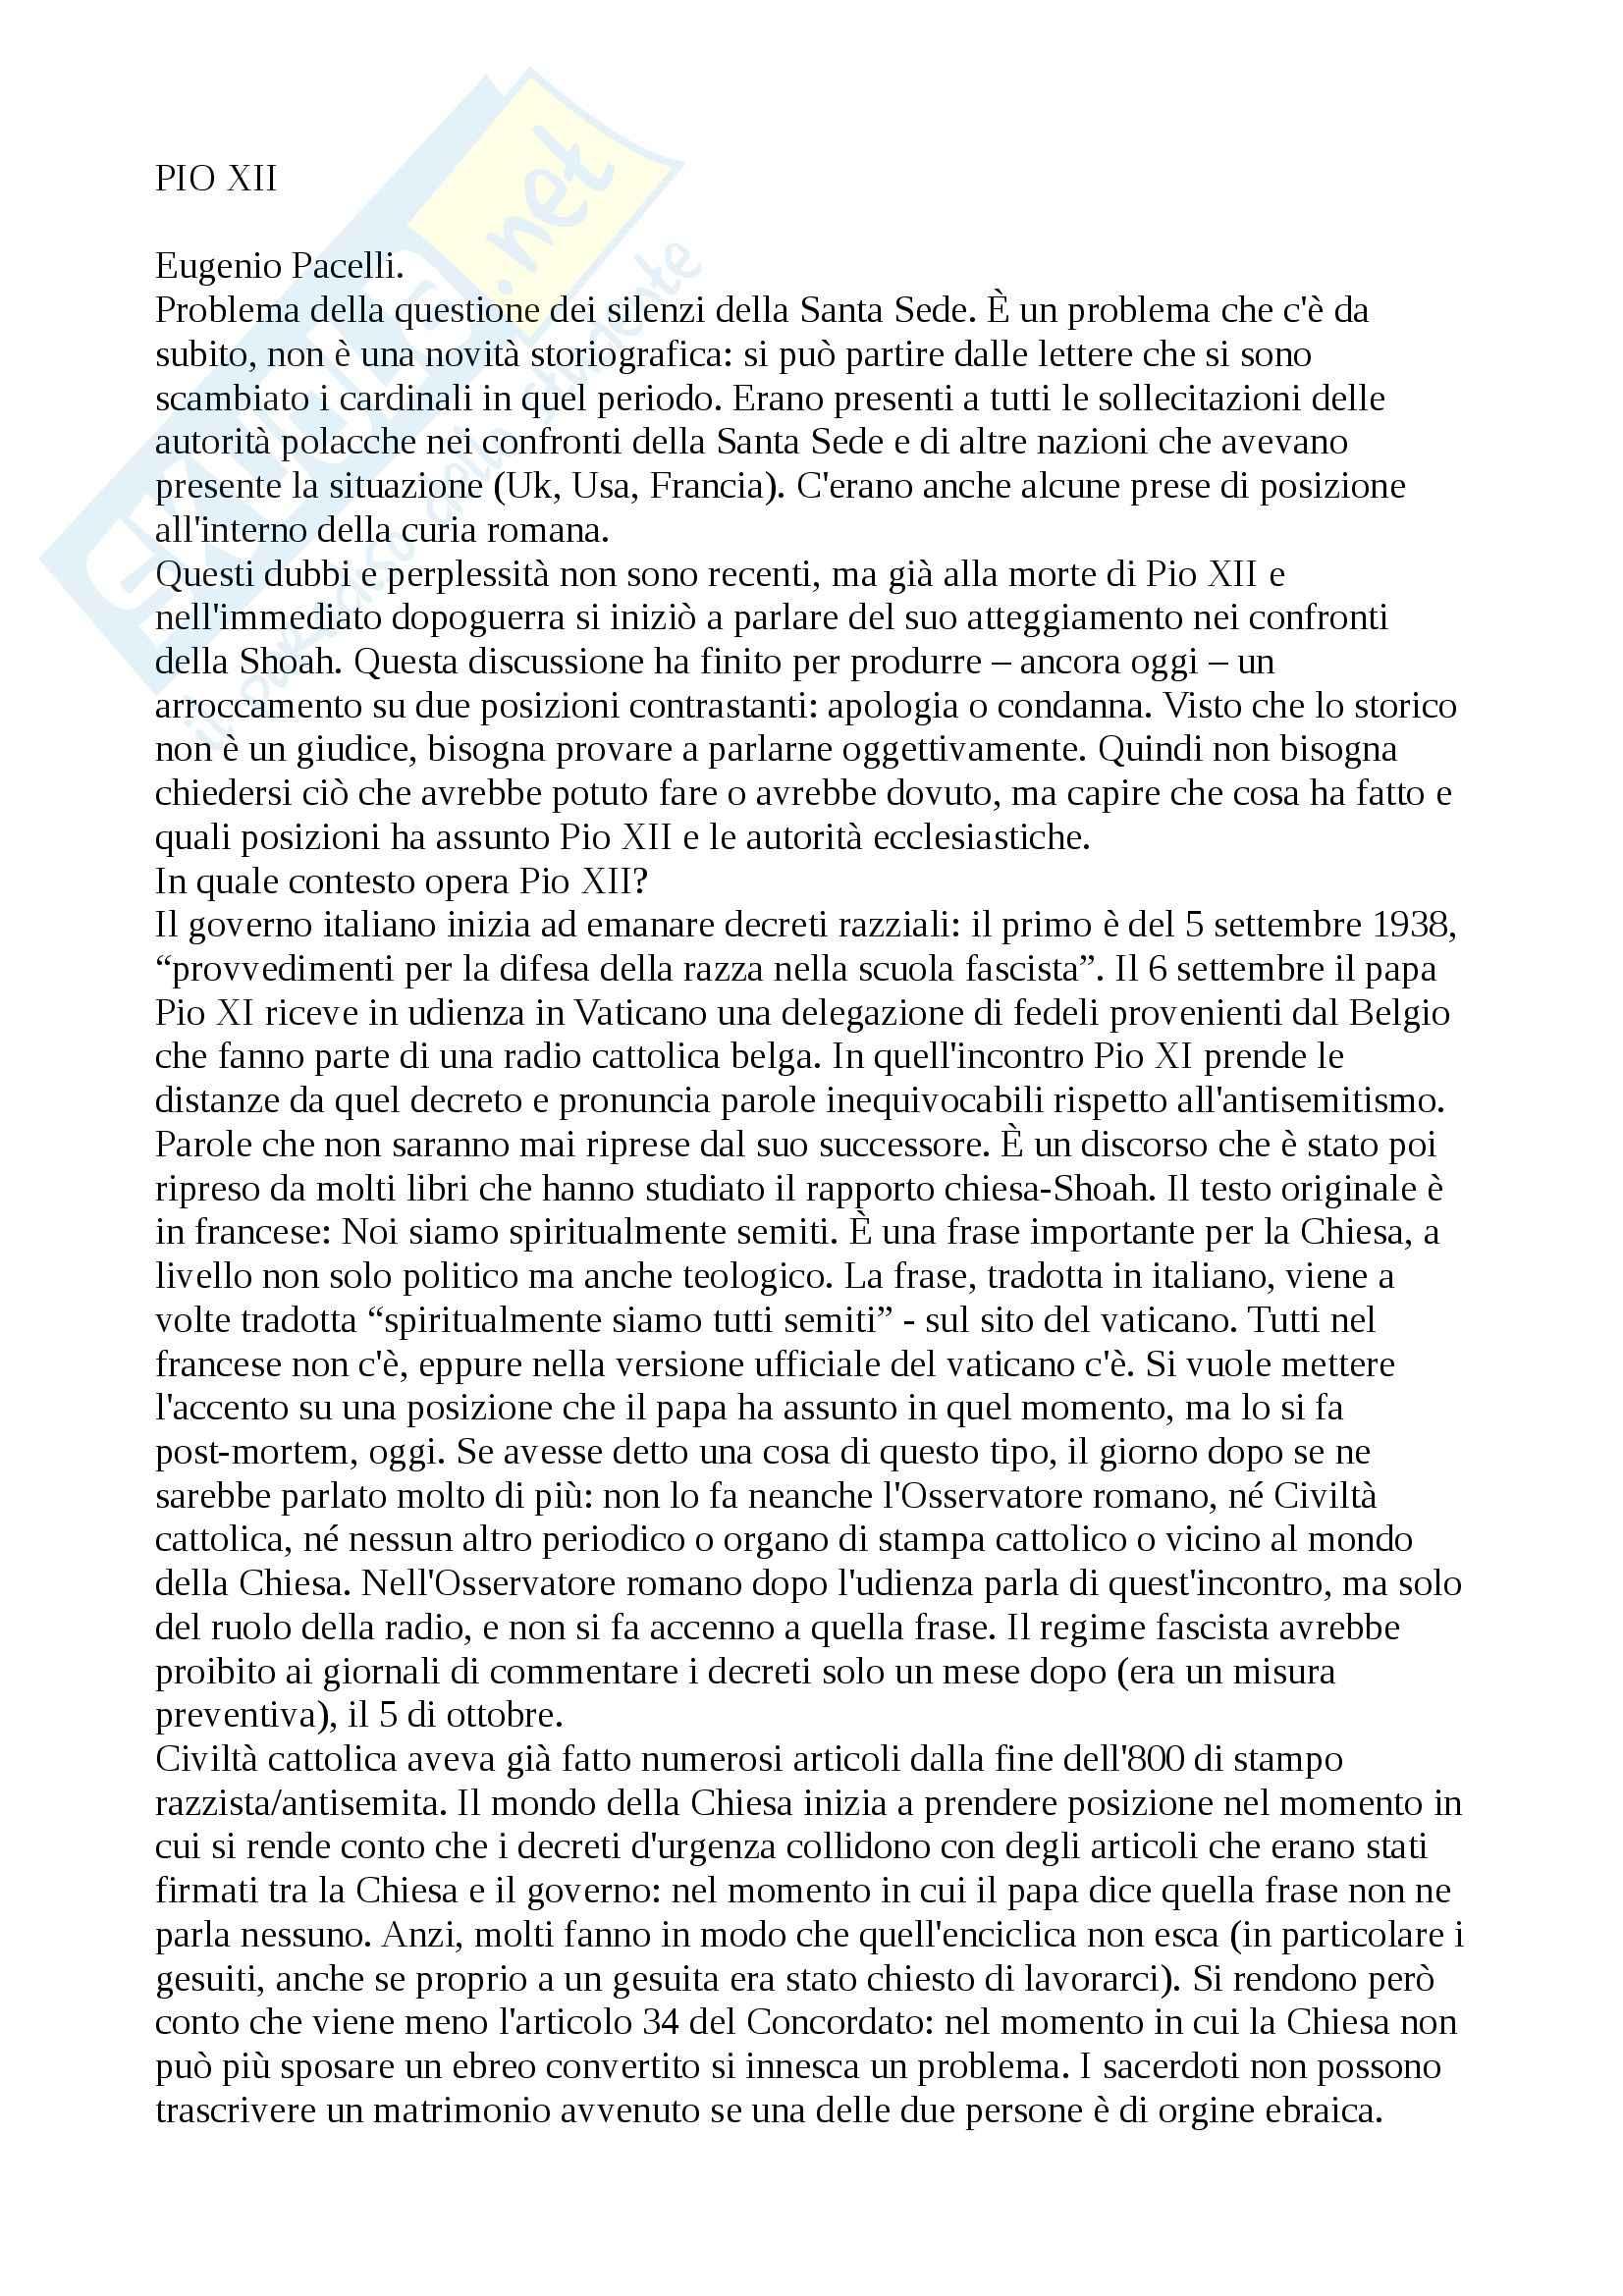 Storia contemporanea - Appunti Pag. 36